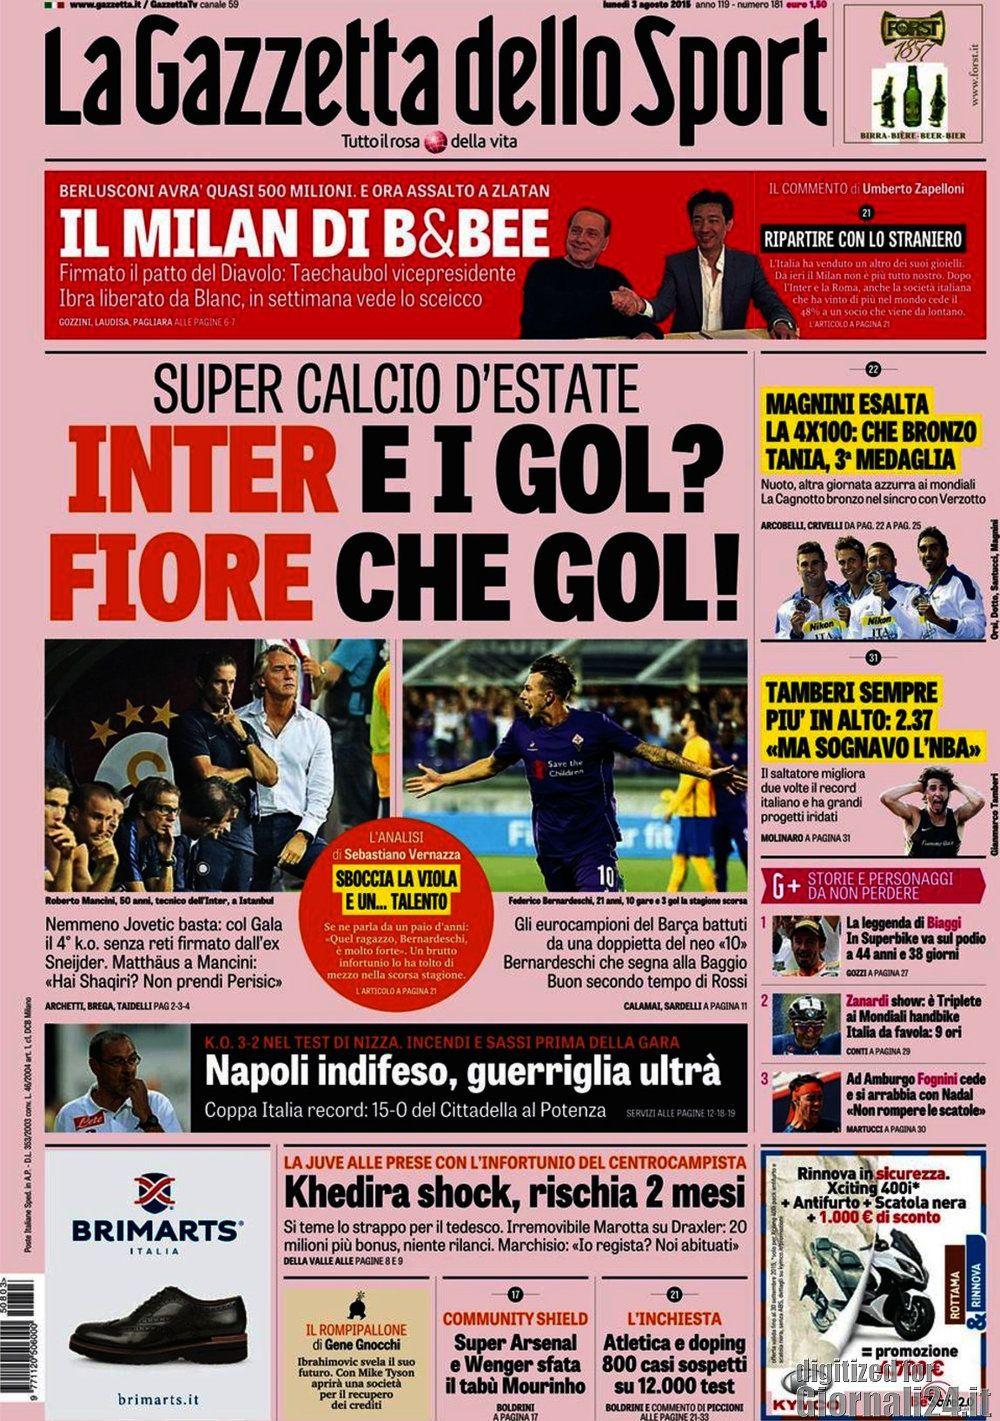 Gazzetta dello Sport 03-08-2015